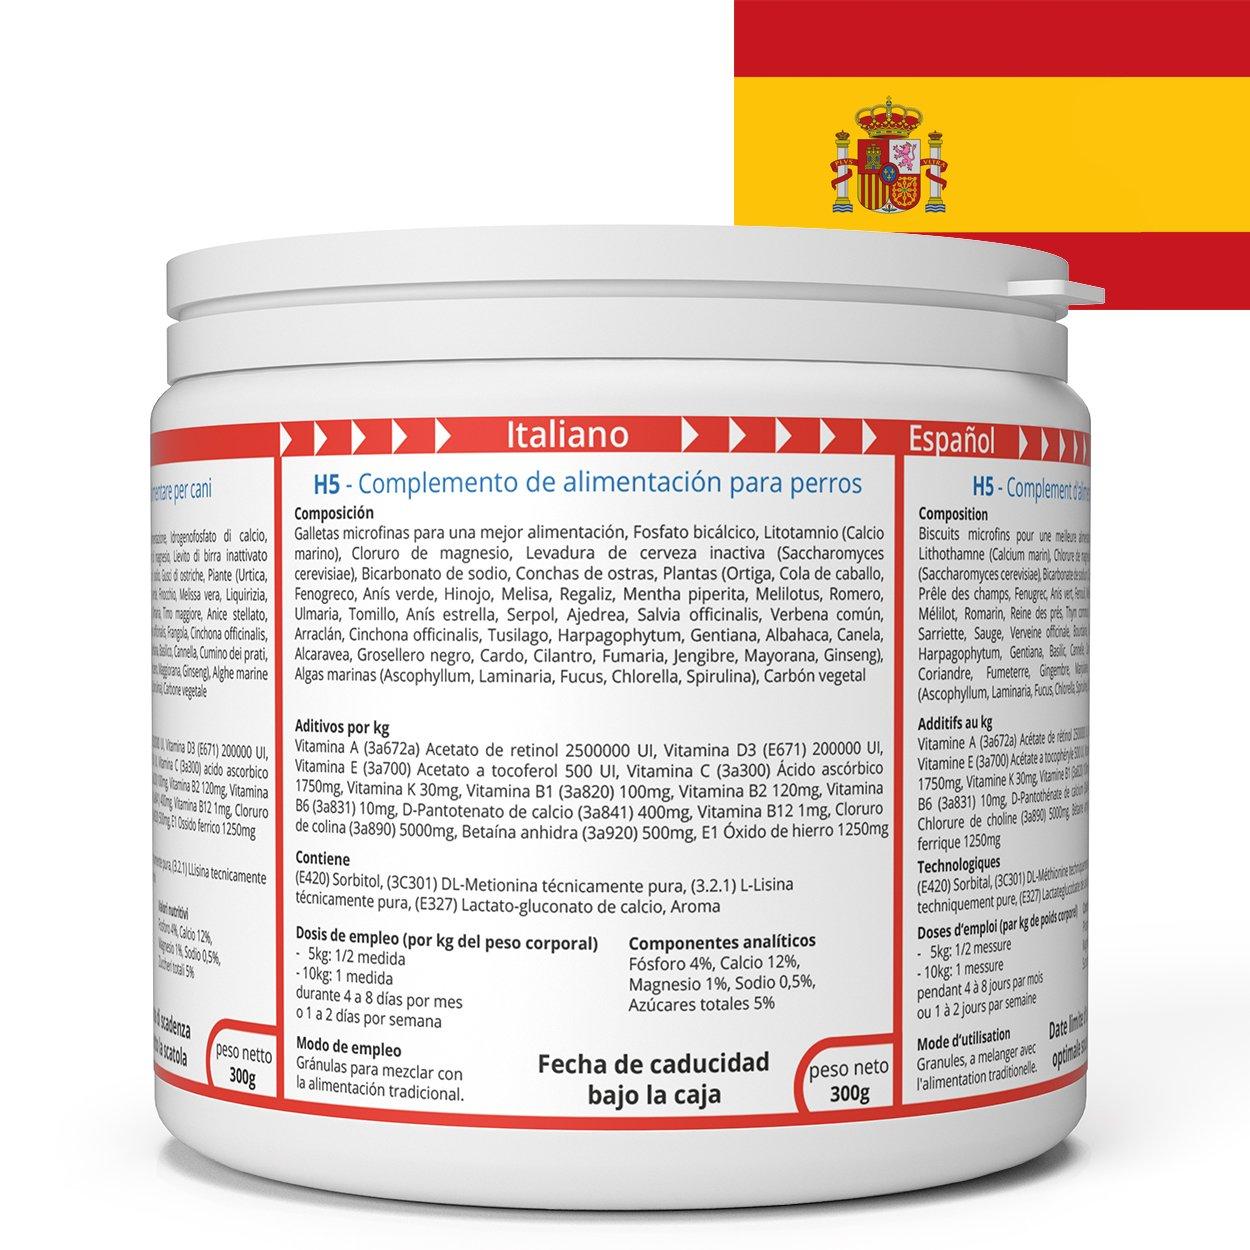 ww7 H5 Fórmula Natural para Vigor, músculos & tranporte de Perros -300g: Amazon.es: Productos para mascotas